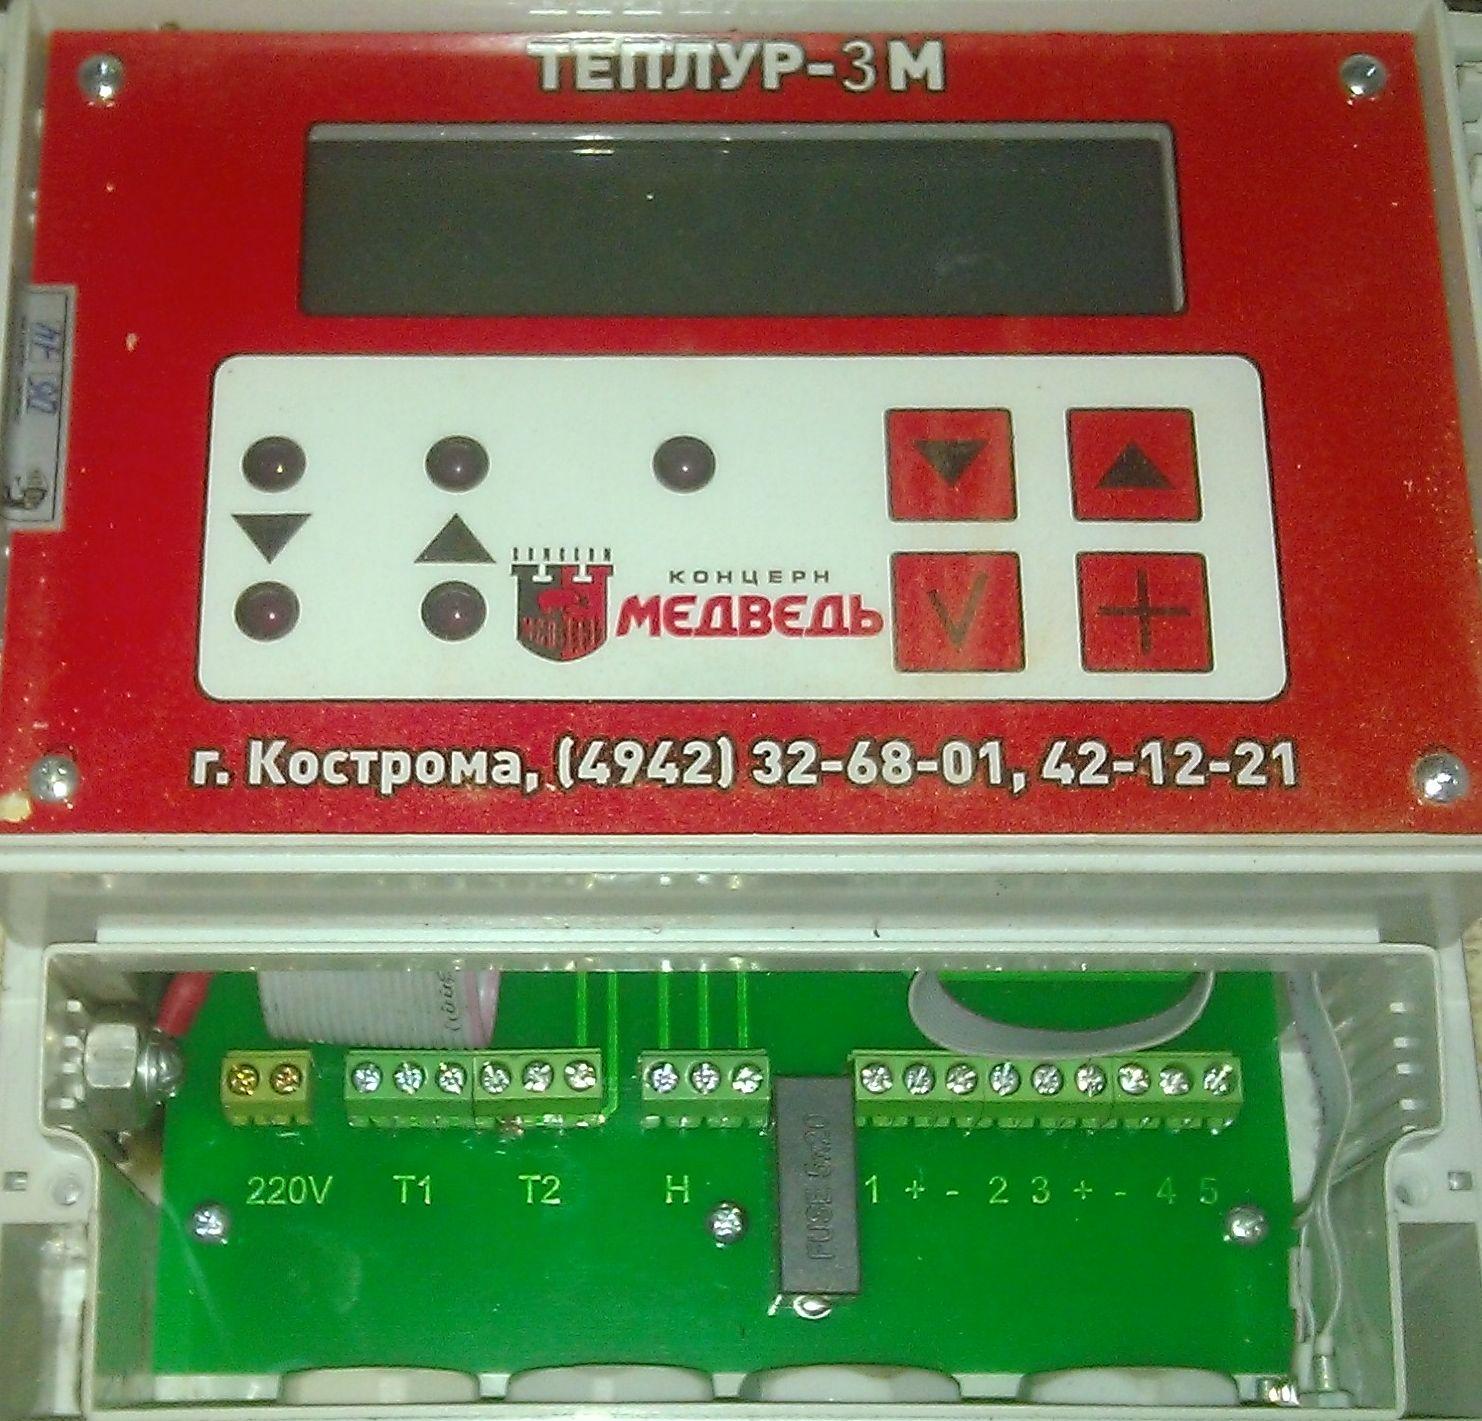 Теплур-3М - внешний вид